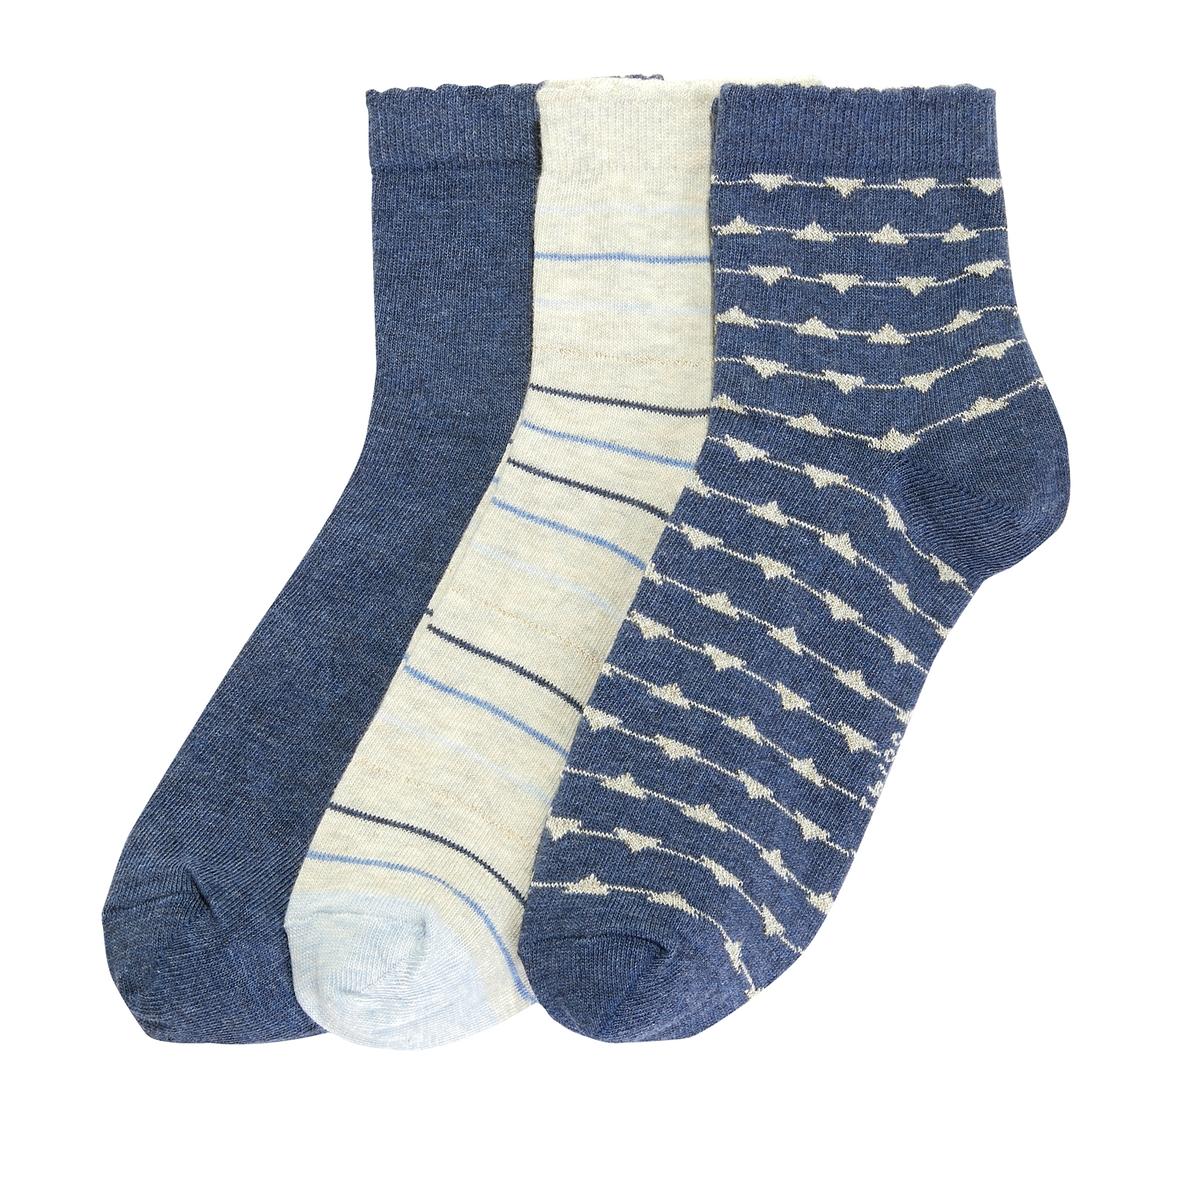 Комплект из 3 пар носков с блестящим рисунком комплект из 2 пар коротких спортивных носков